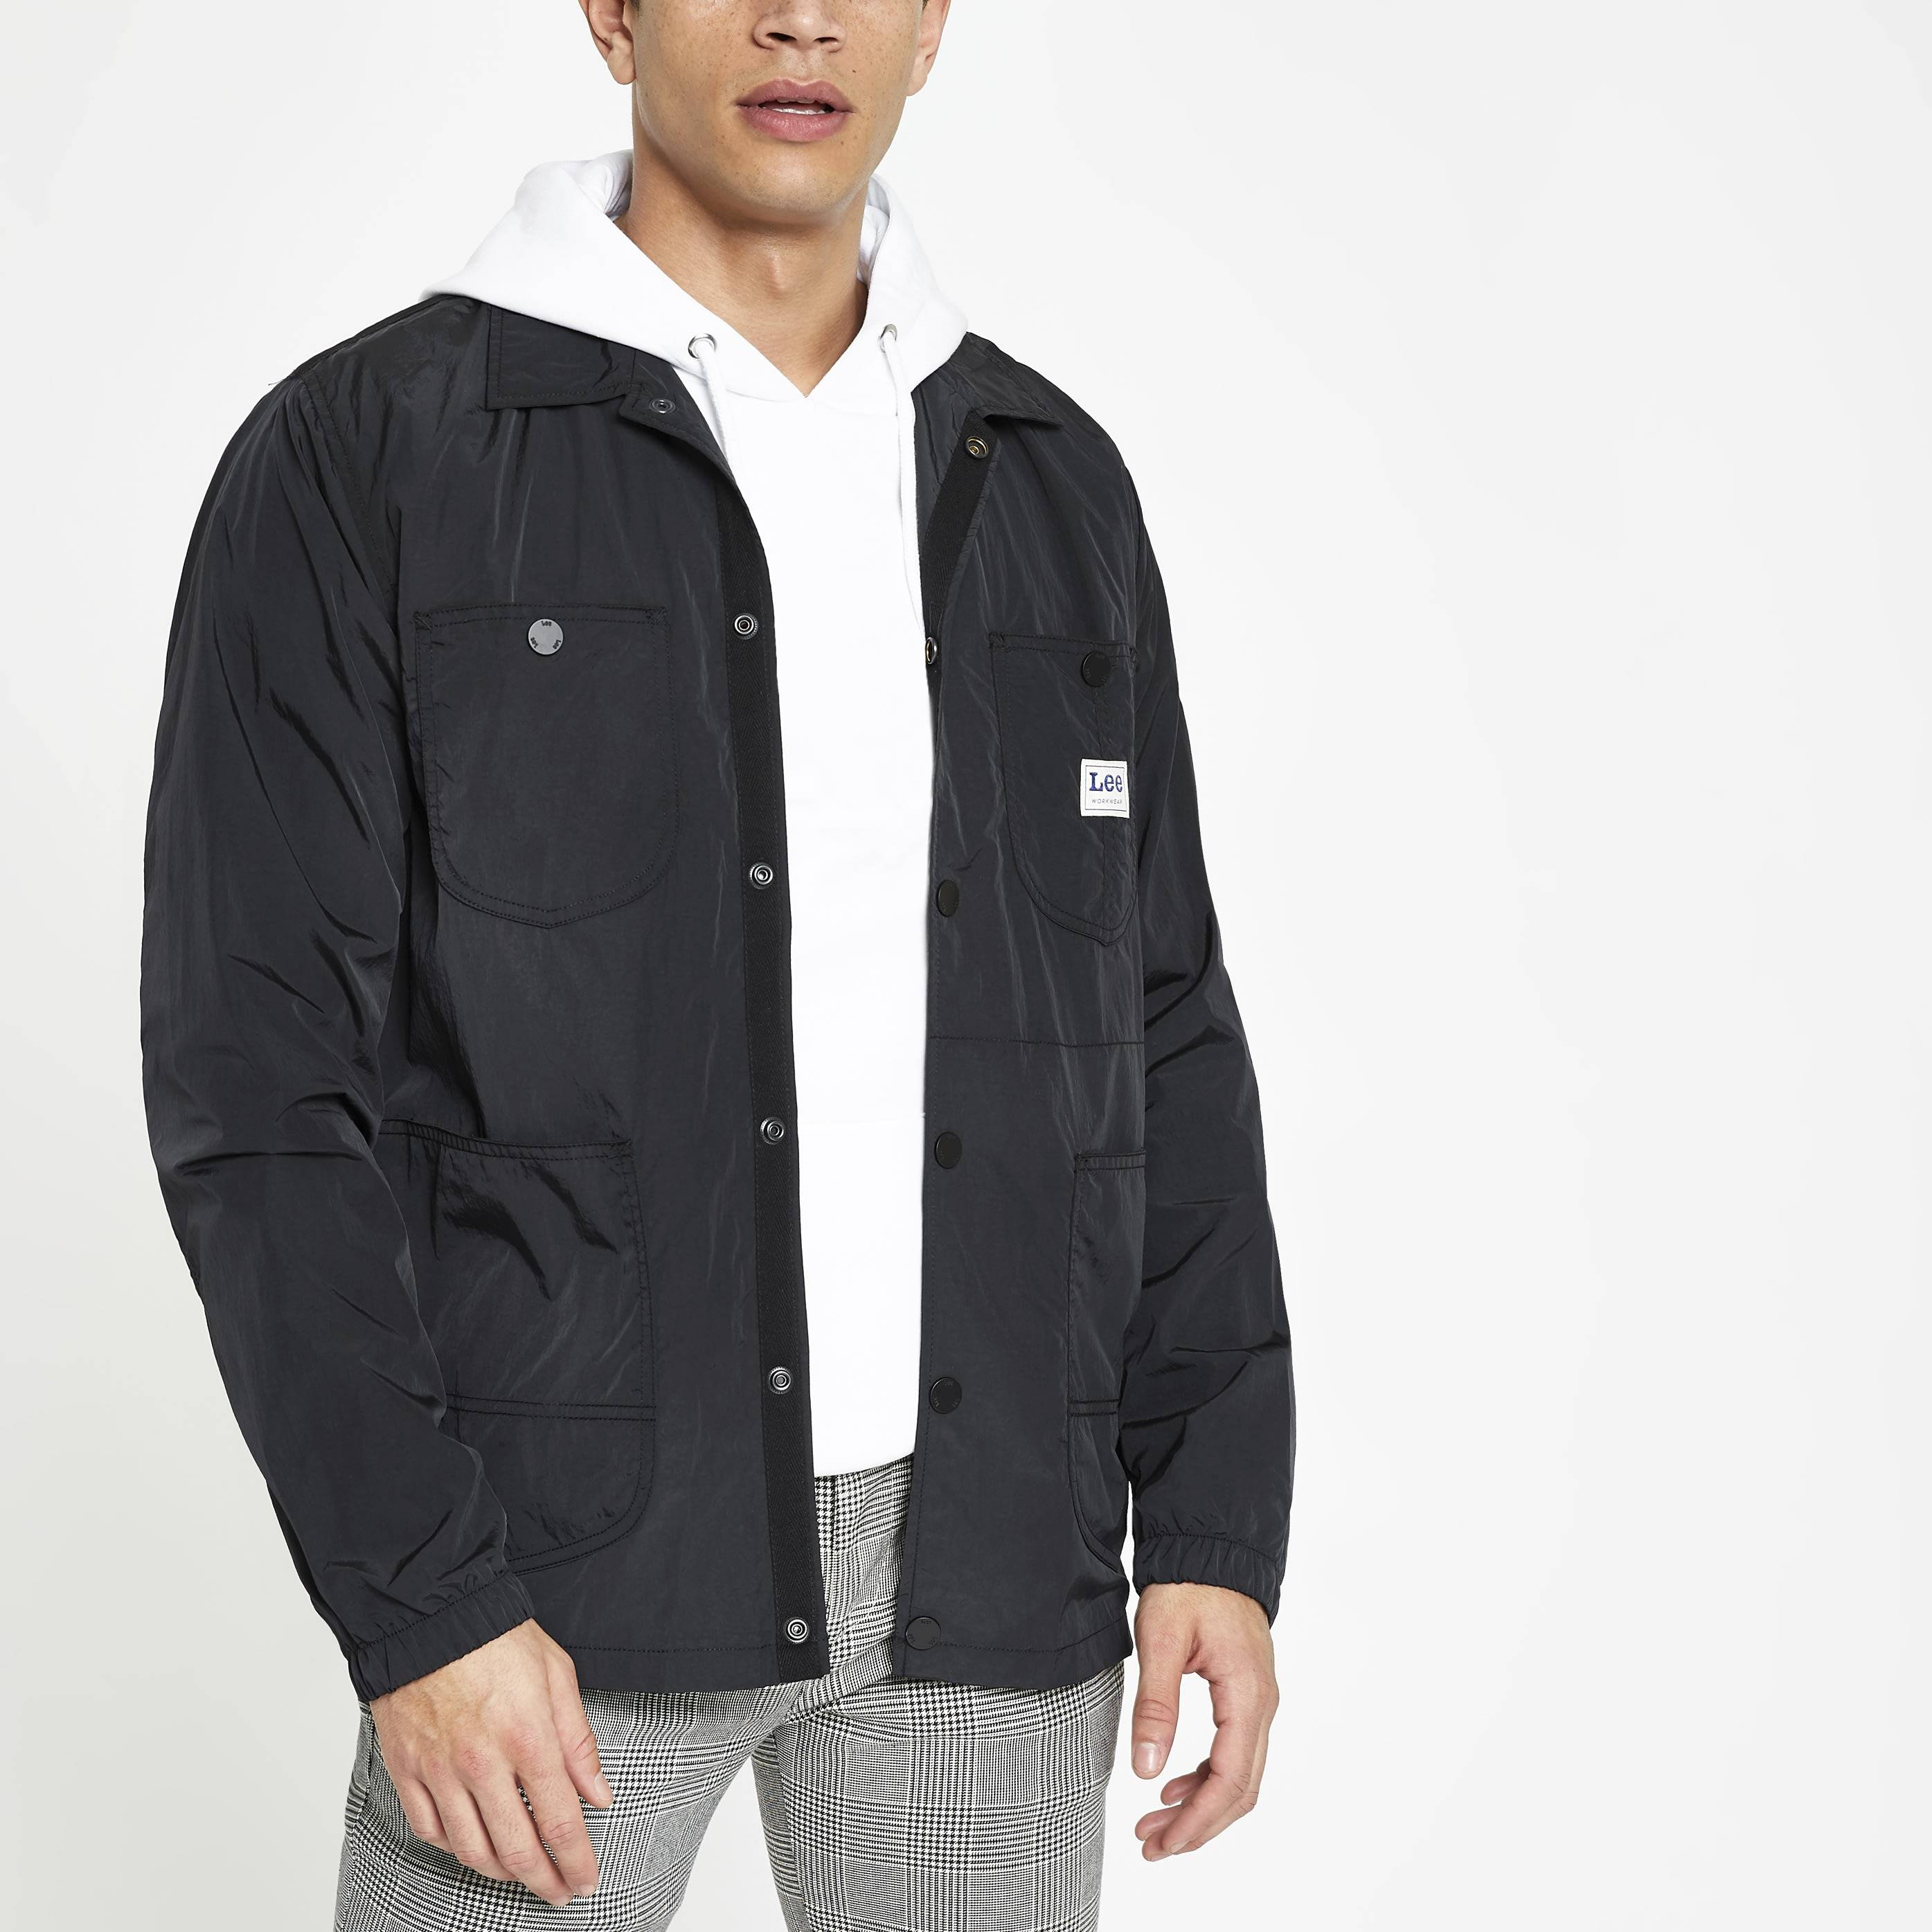 Lee Mens Lee Black loco jacket (S)